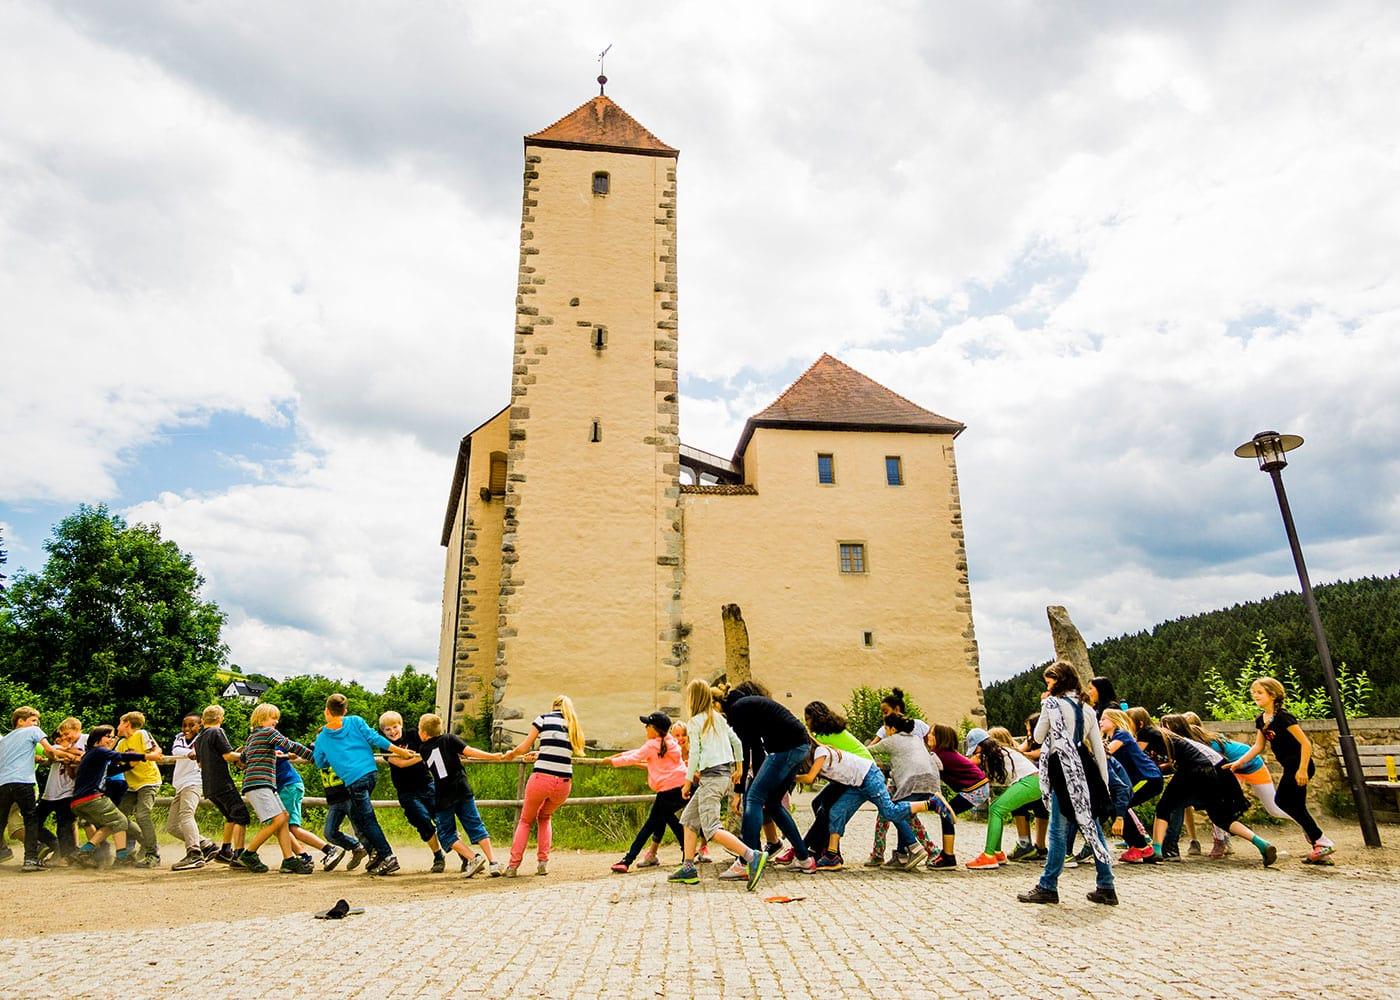 Kostengünstige Ferienfreizeit in bayrischen Jugendherbergen // HIMBEER